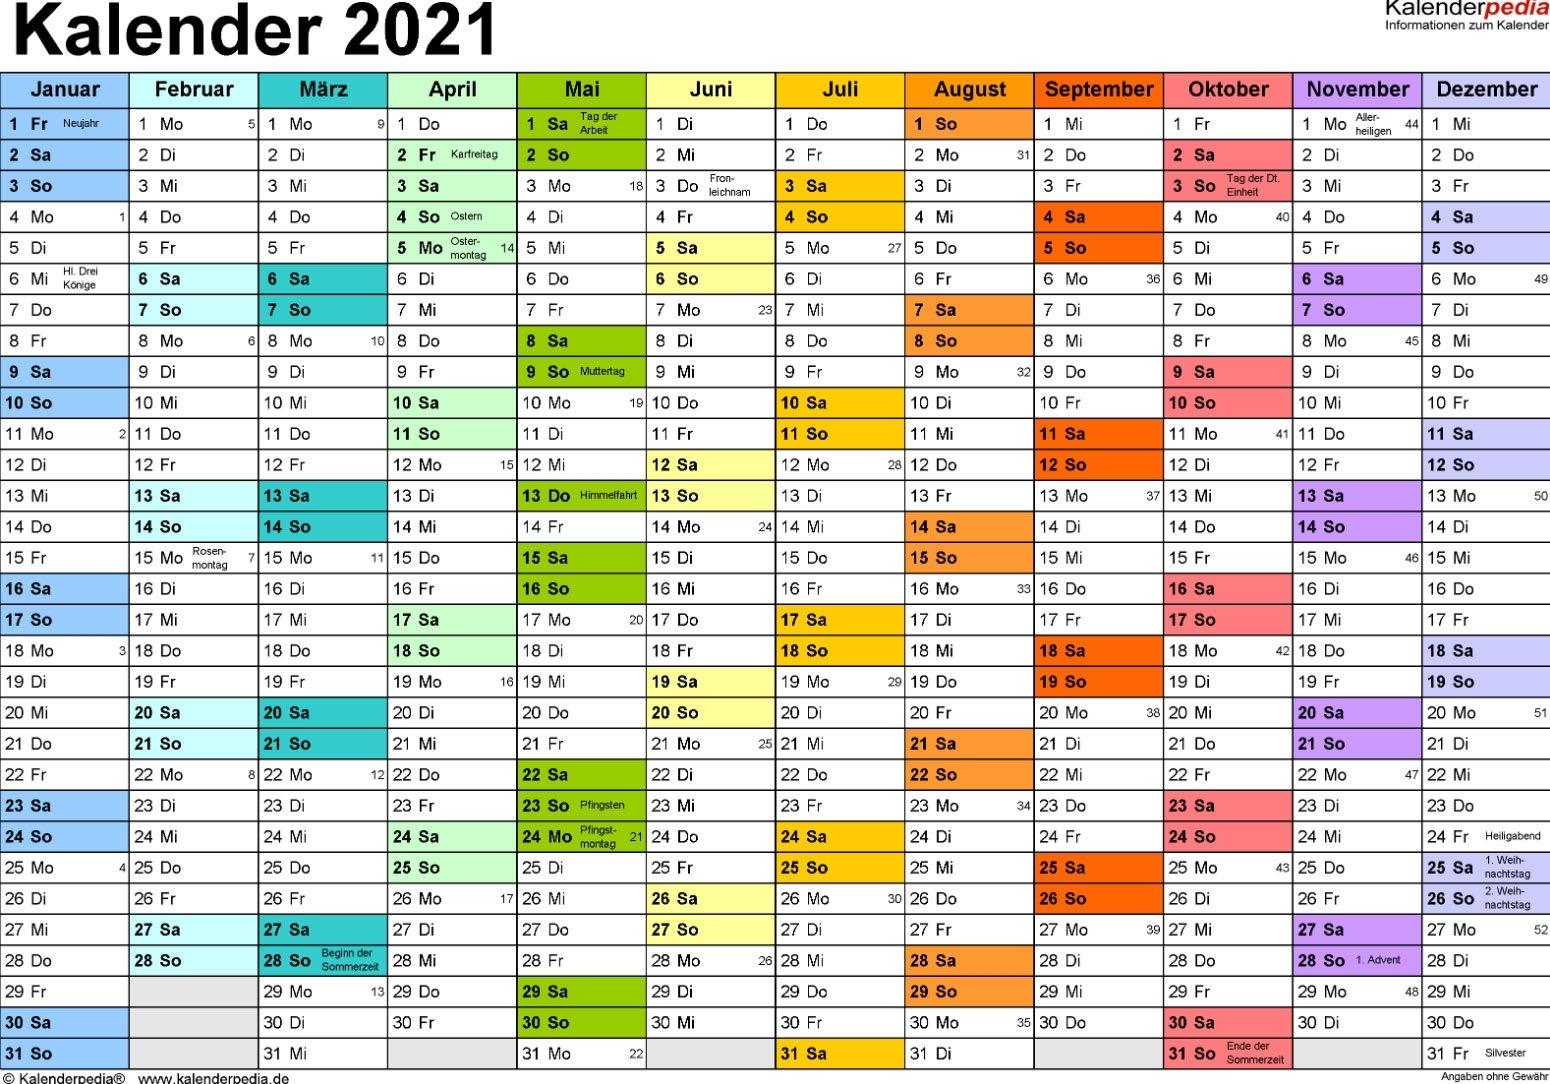 Take Kalenderblätter 2021 Zum Ausdrucken